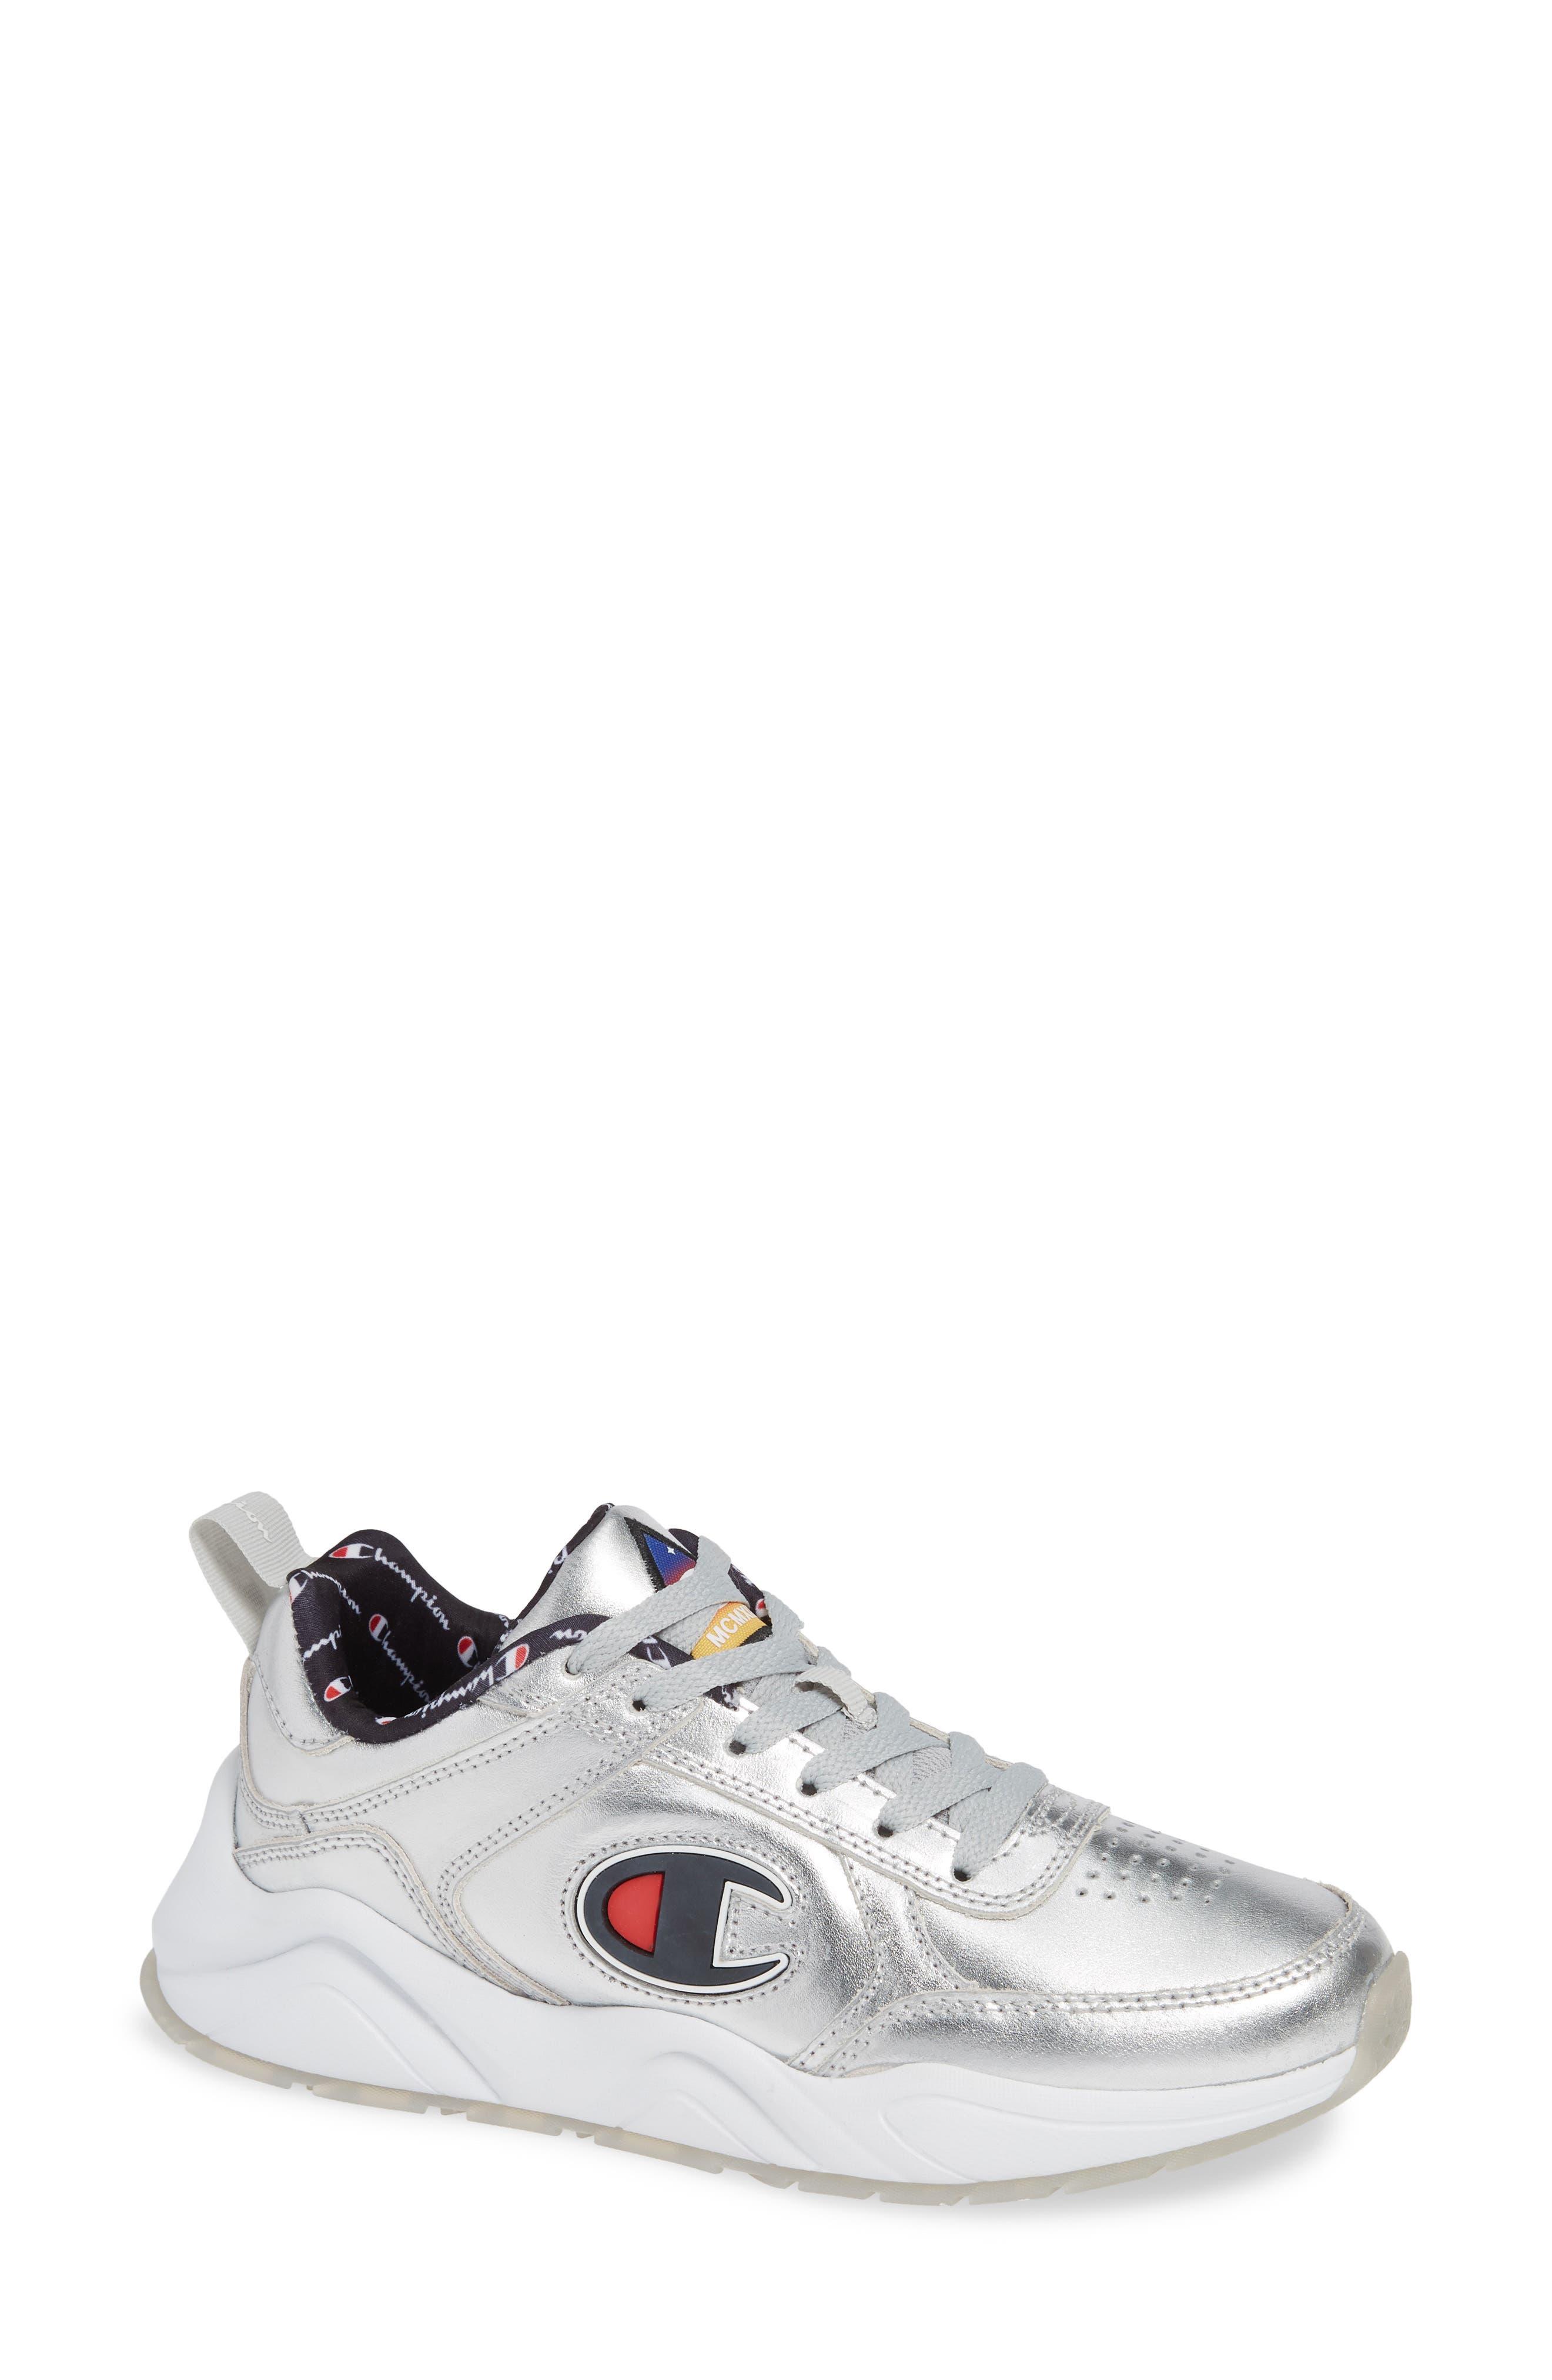 CHAMPION 93 Eighteen Metallic Sneaker, Main, color, 040